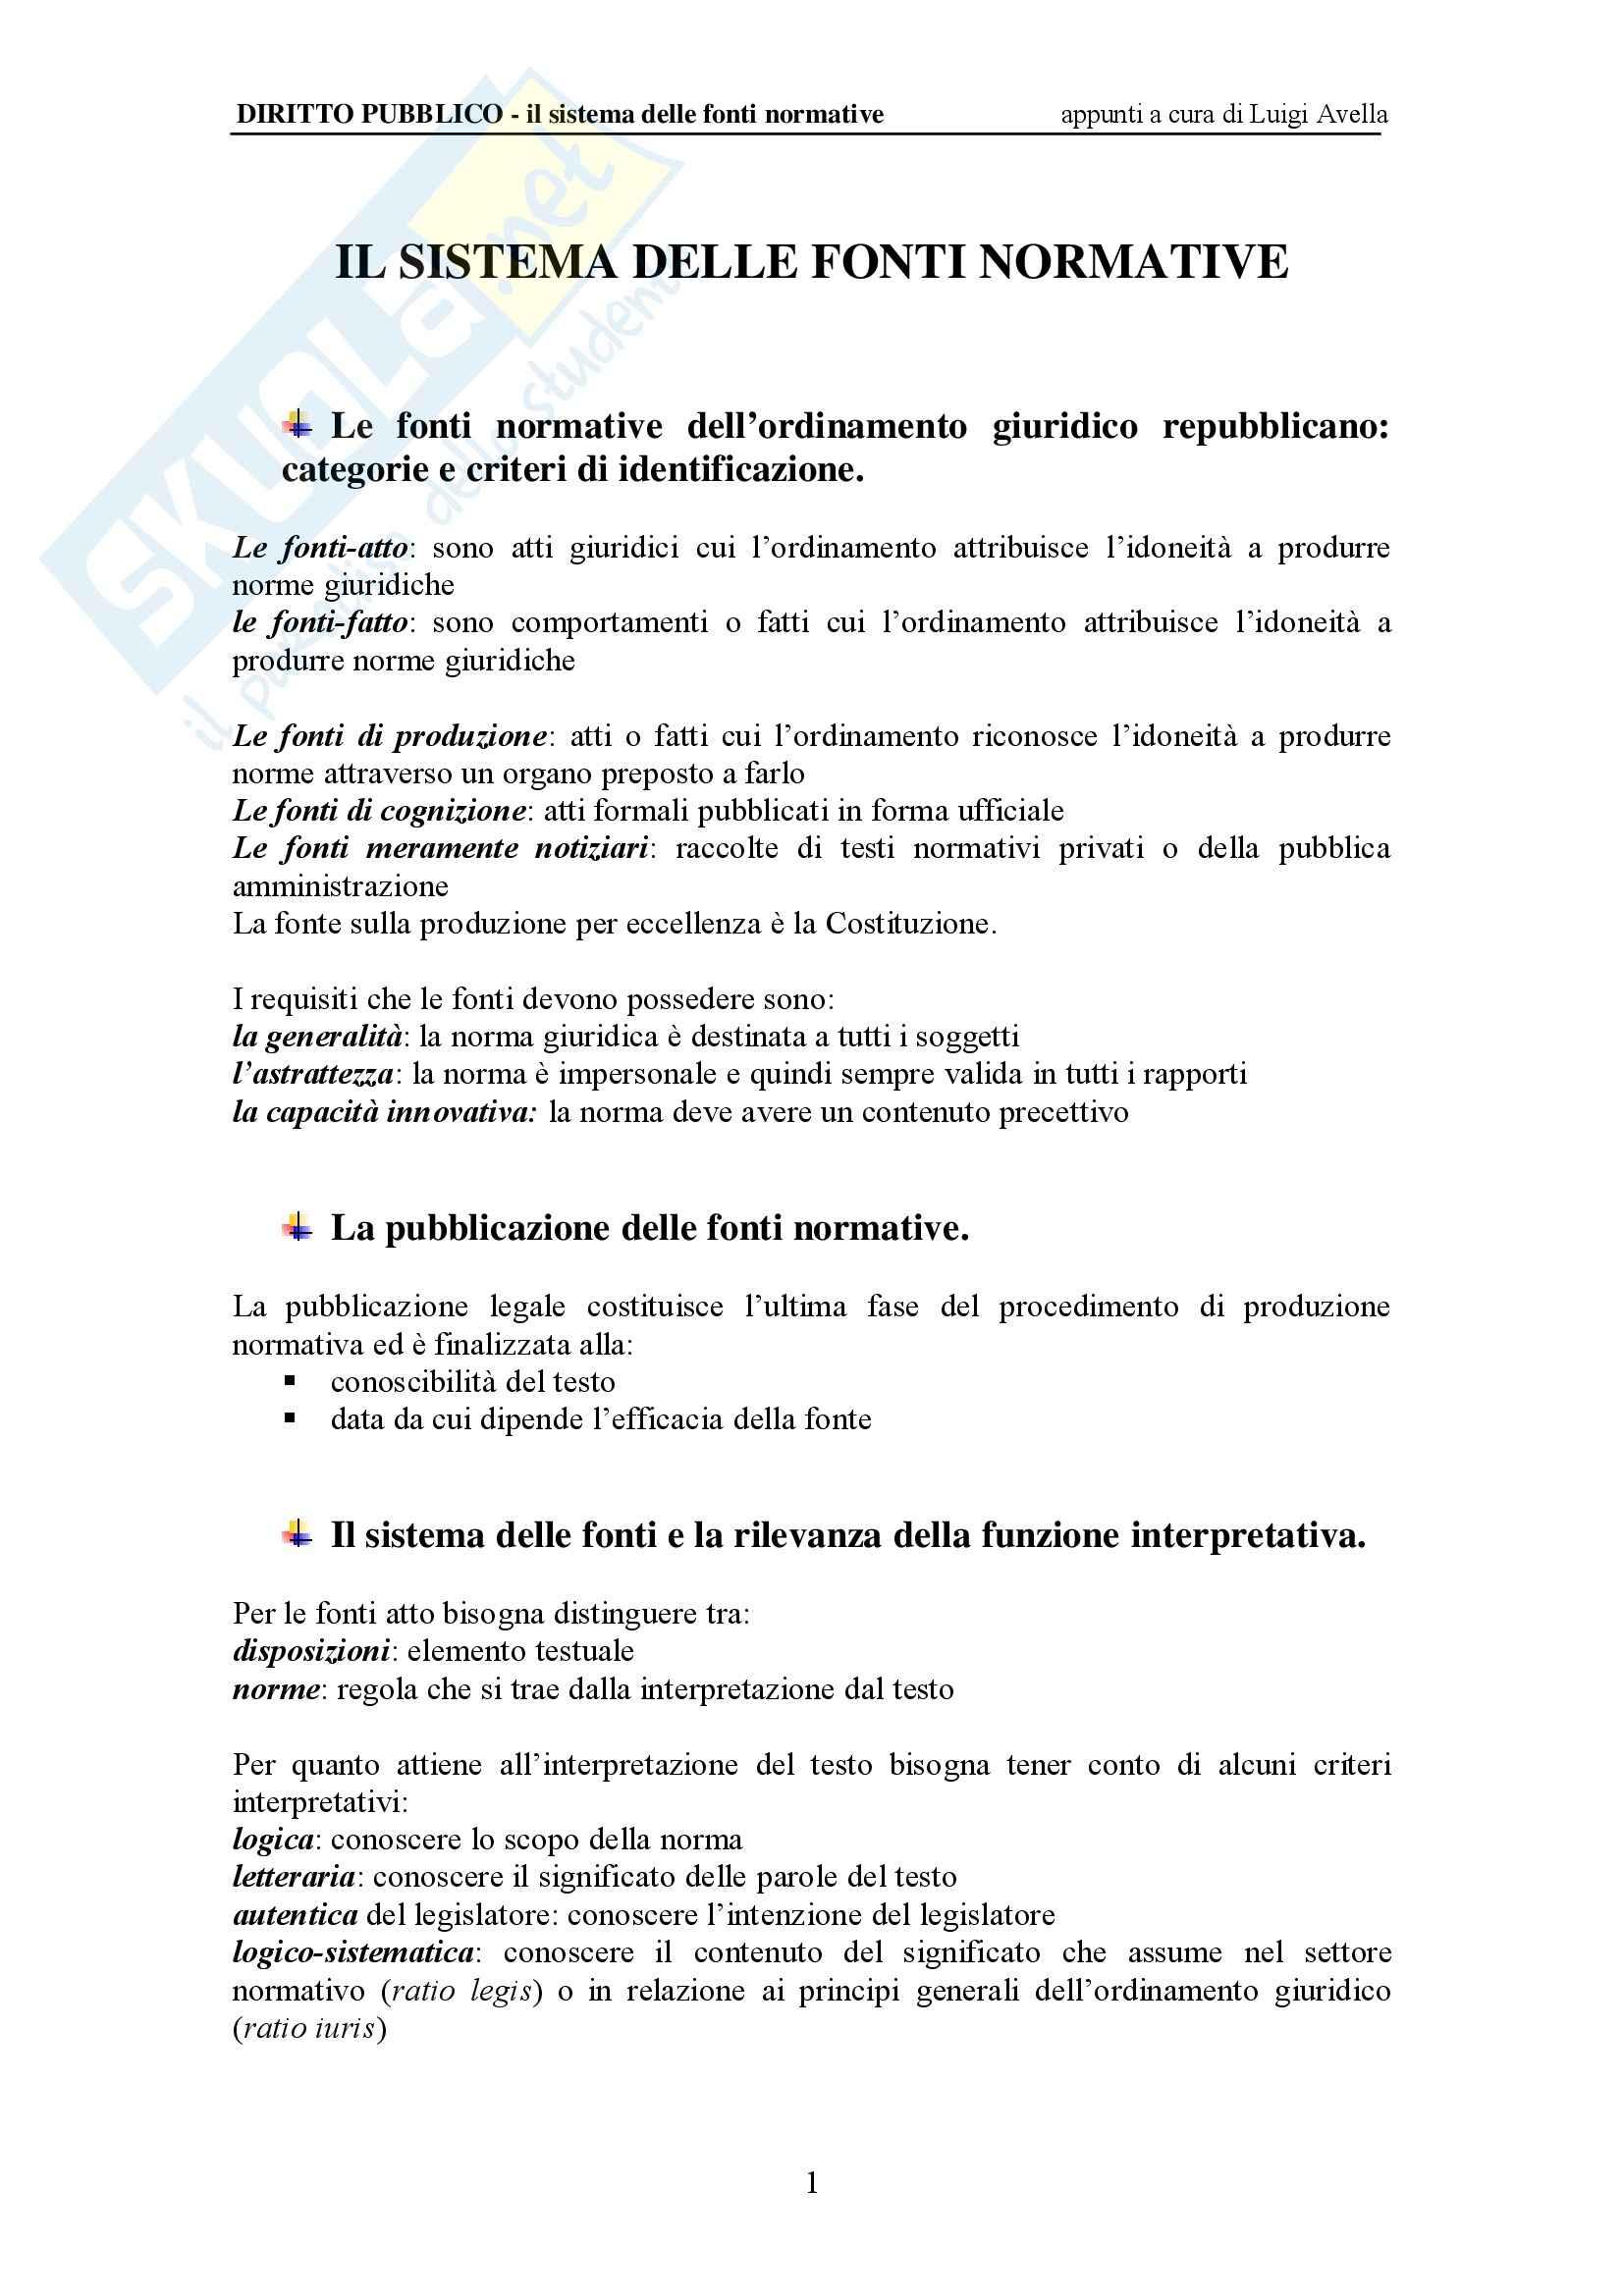 Diritto pubblico - Appunti